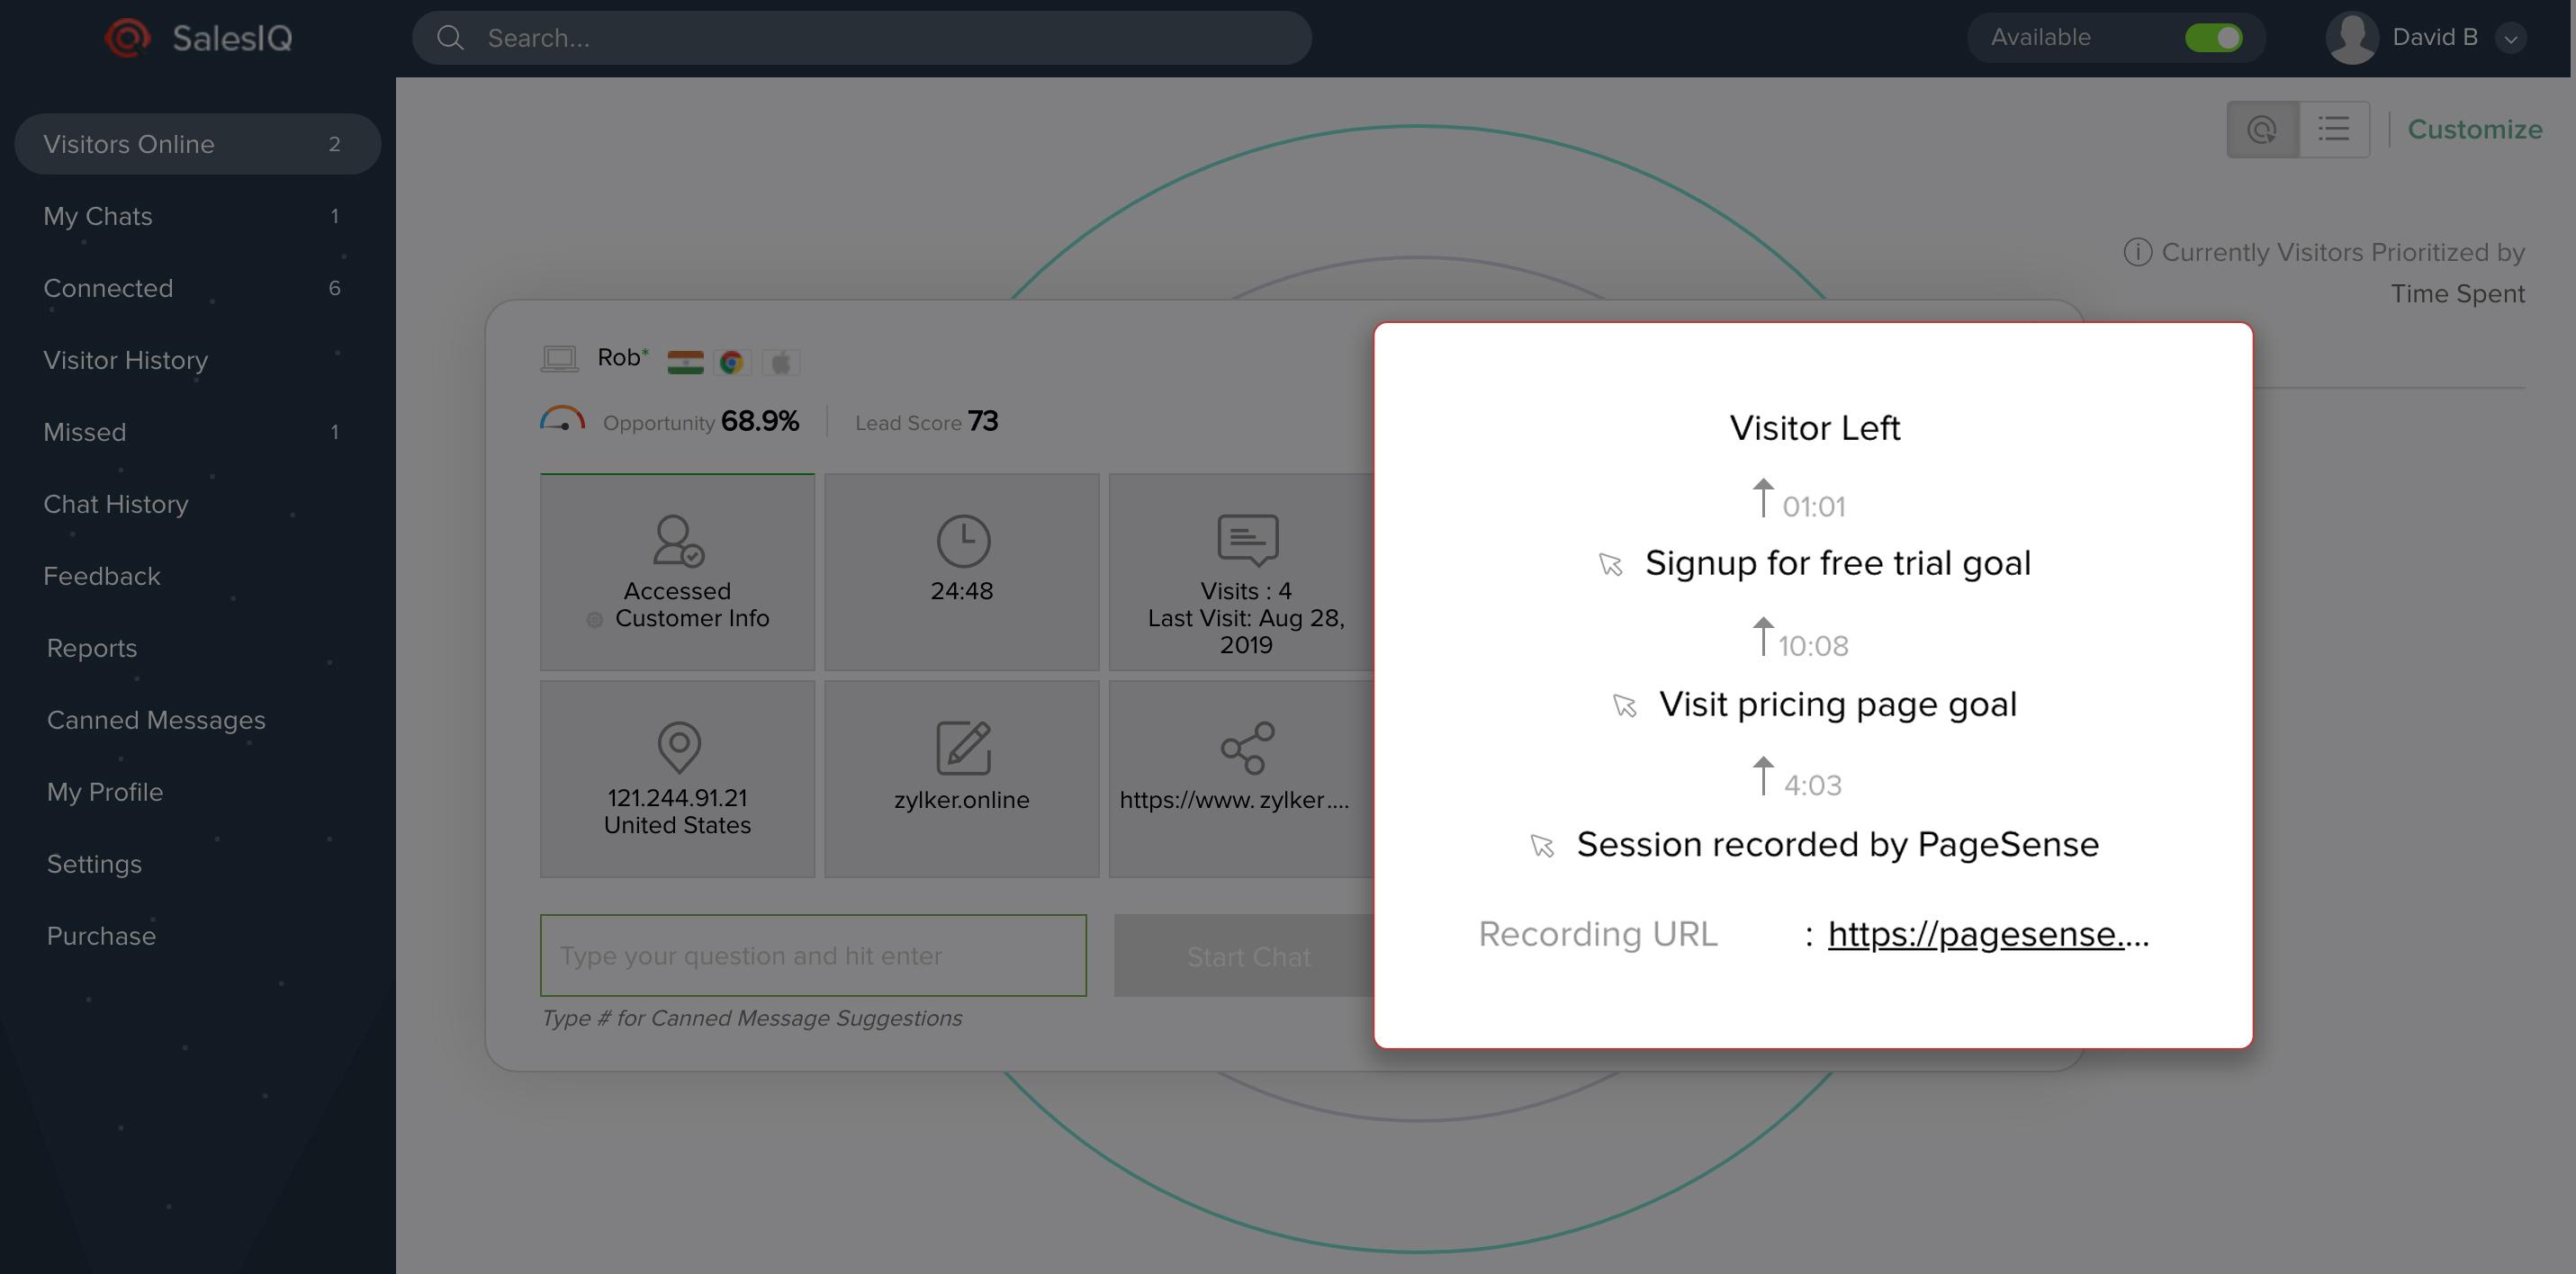 Goals in PageSense SalesIQ integration